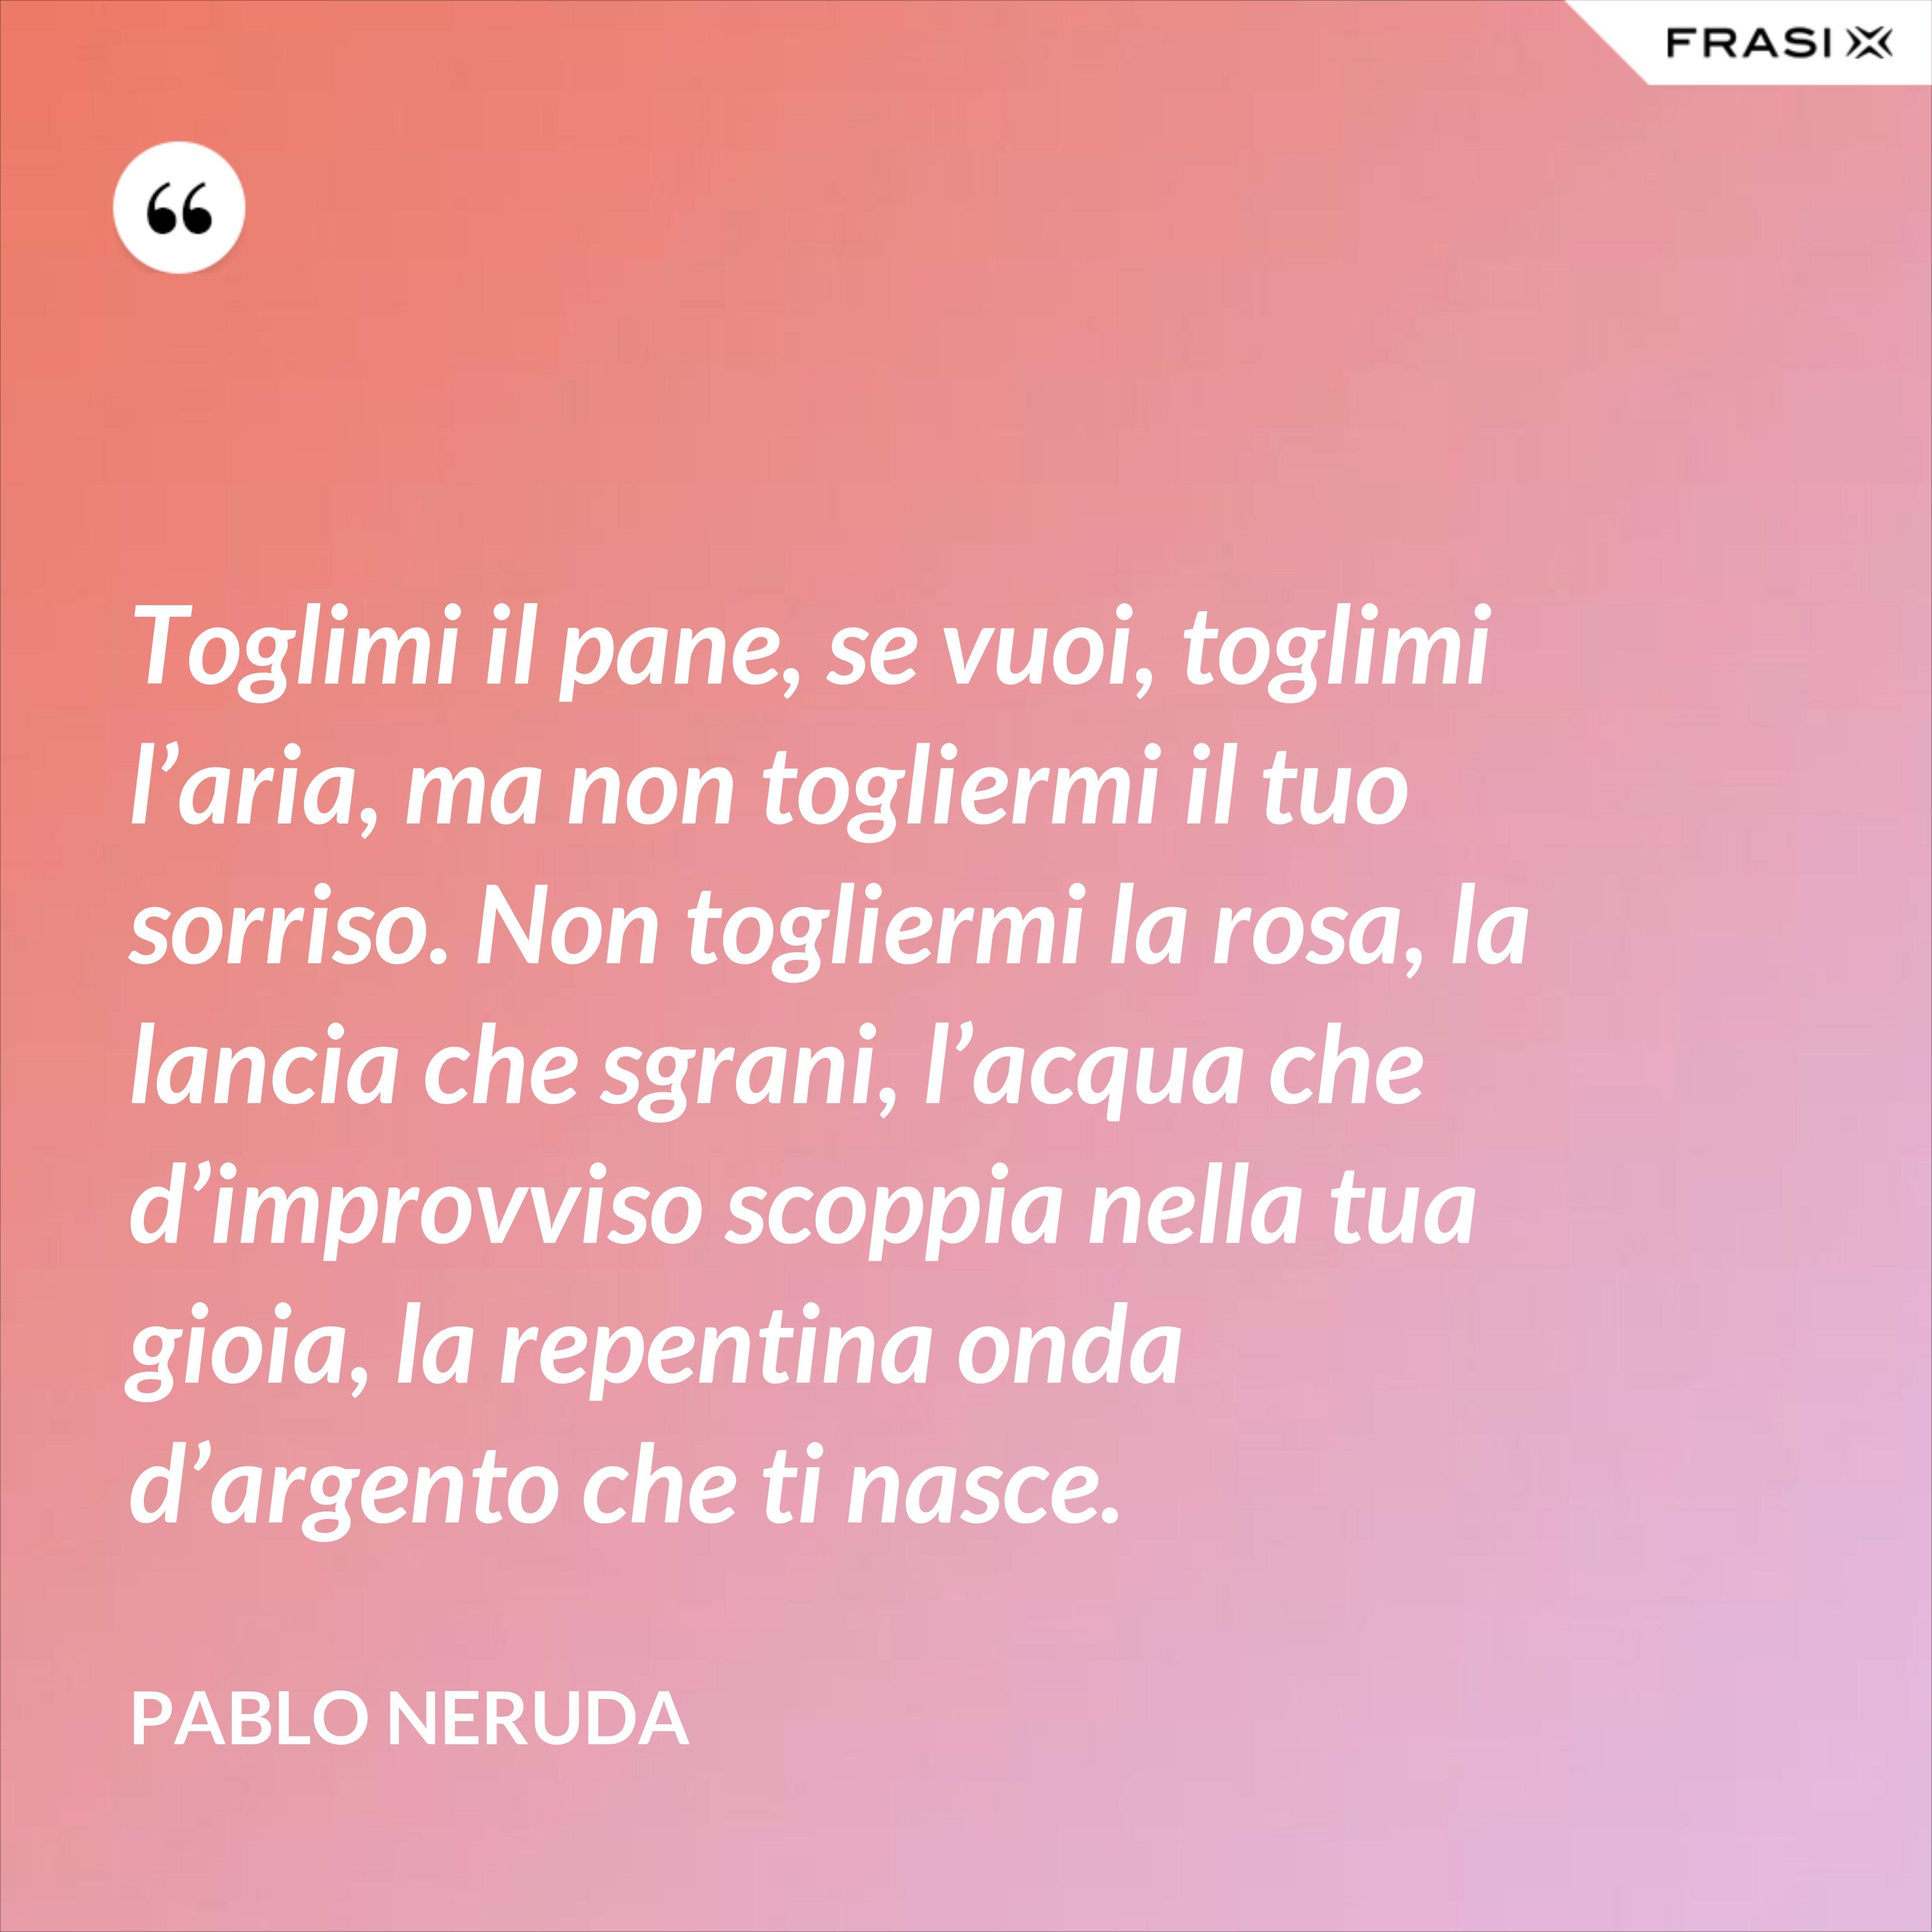 Toglimi il pane, se vuoi, toglimi l'aria, ma non togliermi il tuo sorriso. Non togliermi la rosa, la lancia che sgrani, l'acqua che d'improvviso scoppia nella tua gioia, la repentina onda d'argento che ti nasce. - Pablo Neruda